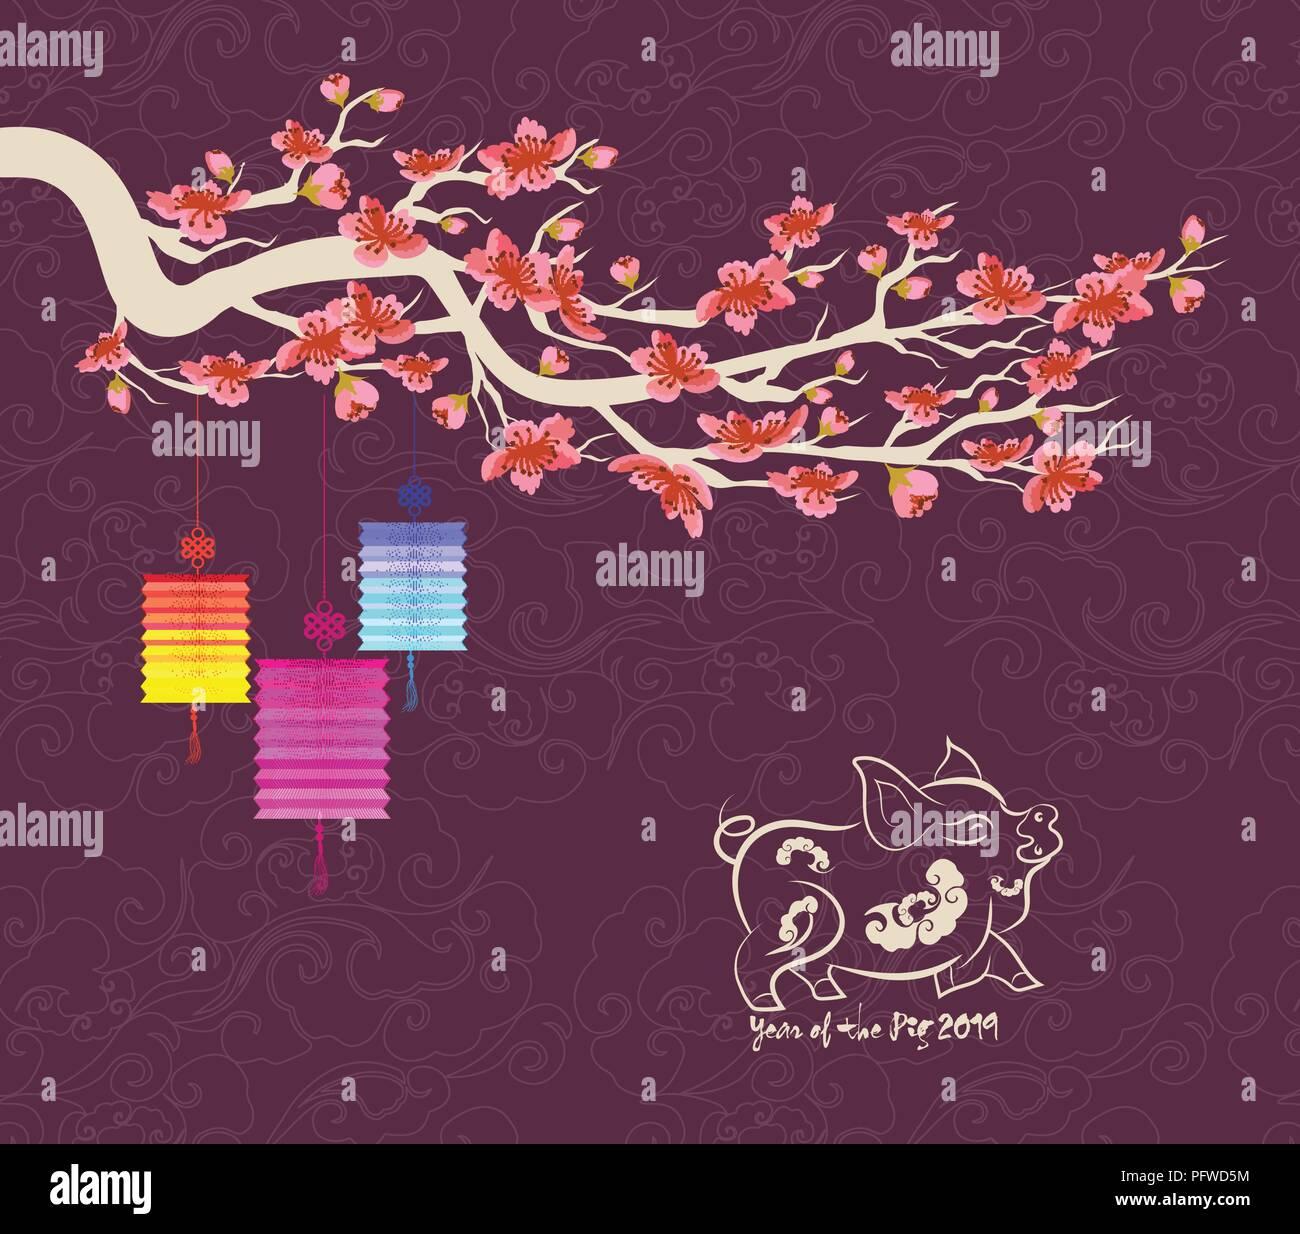 Frohes Neues Jahr 2019 Grußkarte. Chinesisches Neues Jahr des ...